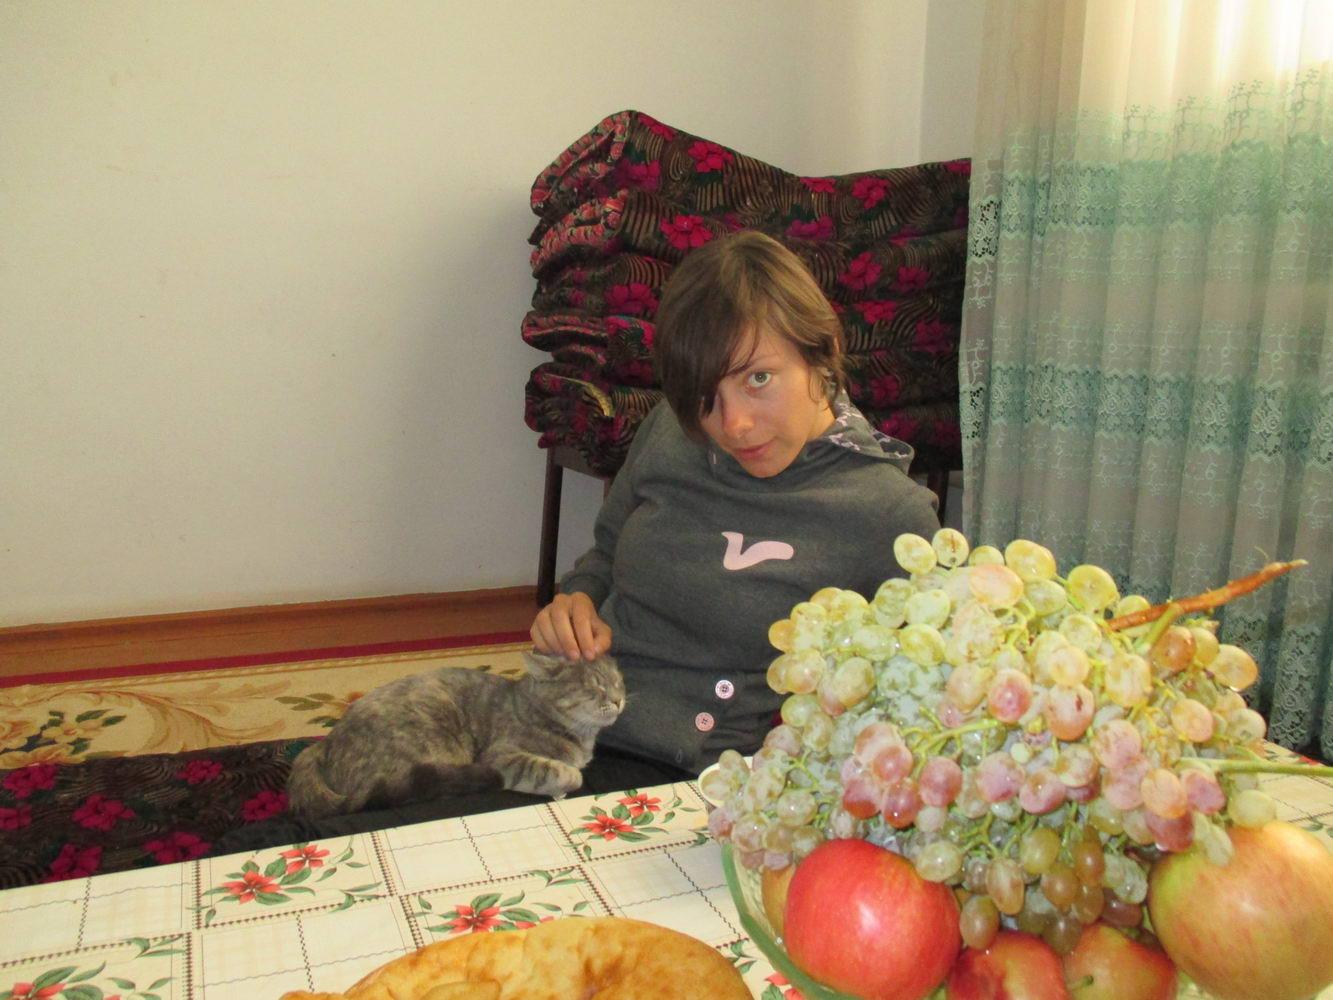 королевский стол и прикольный кот. в гостях. нукус узбекистан